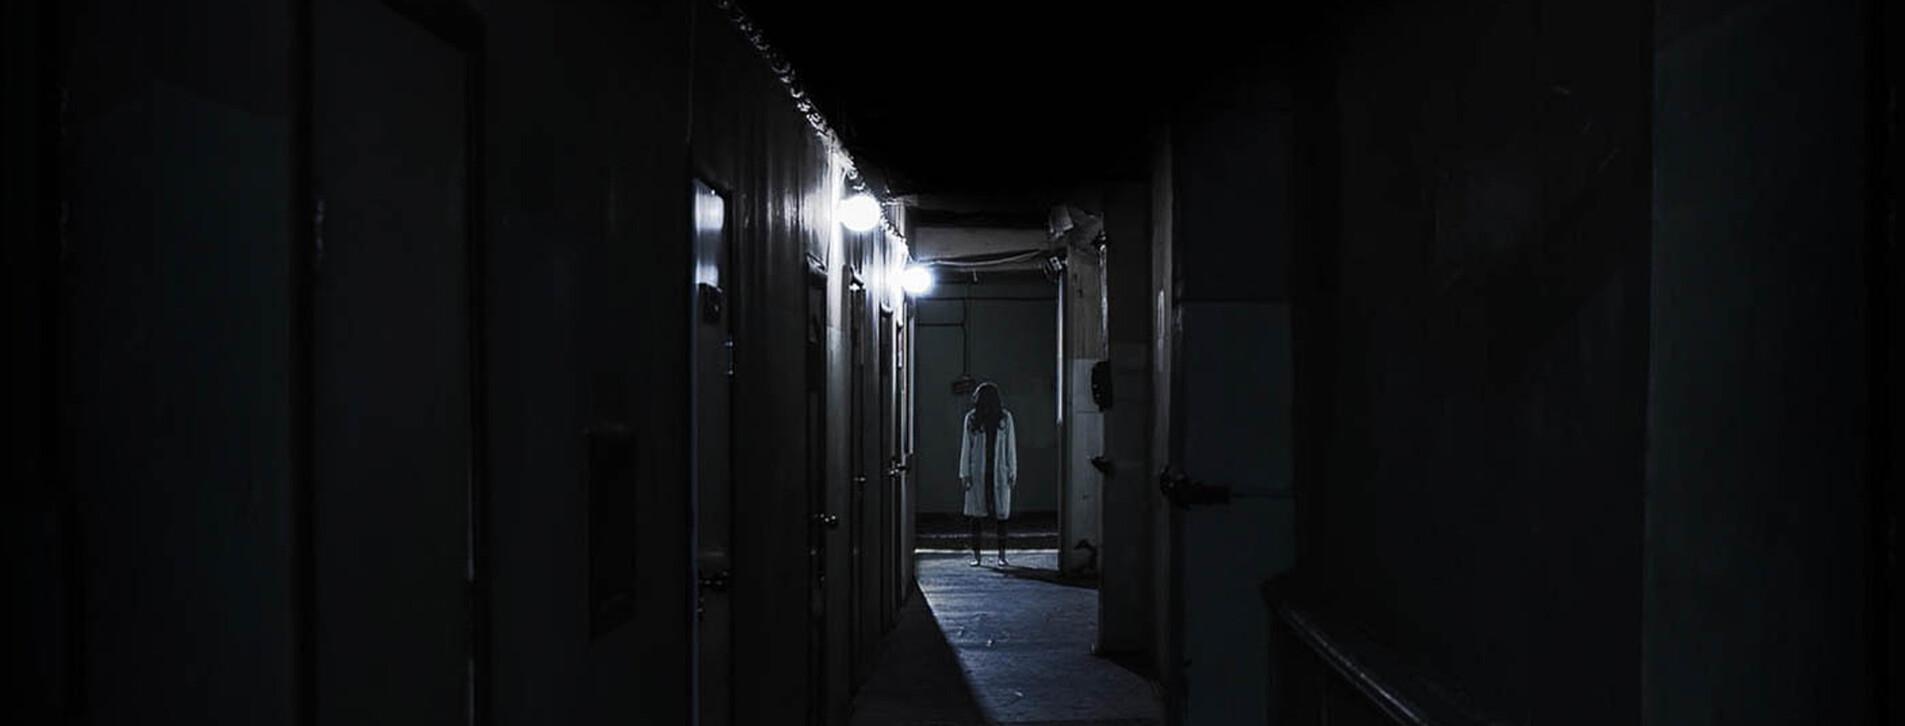 Fotoğraf - İki Kişi için Korku Oda Oyunu